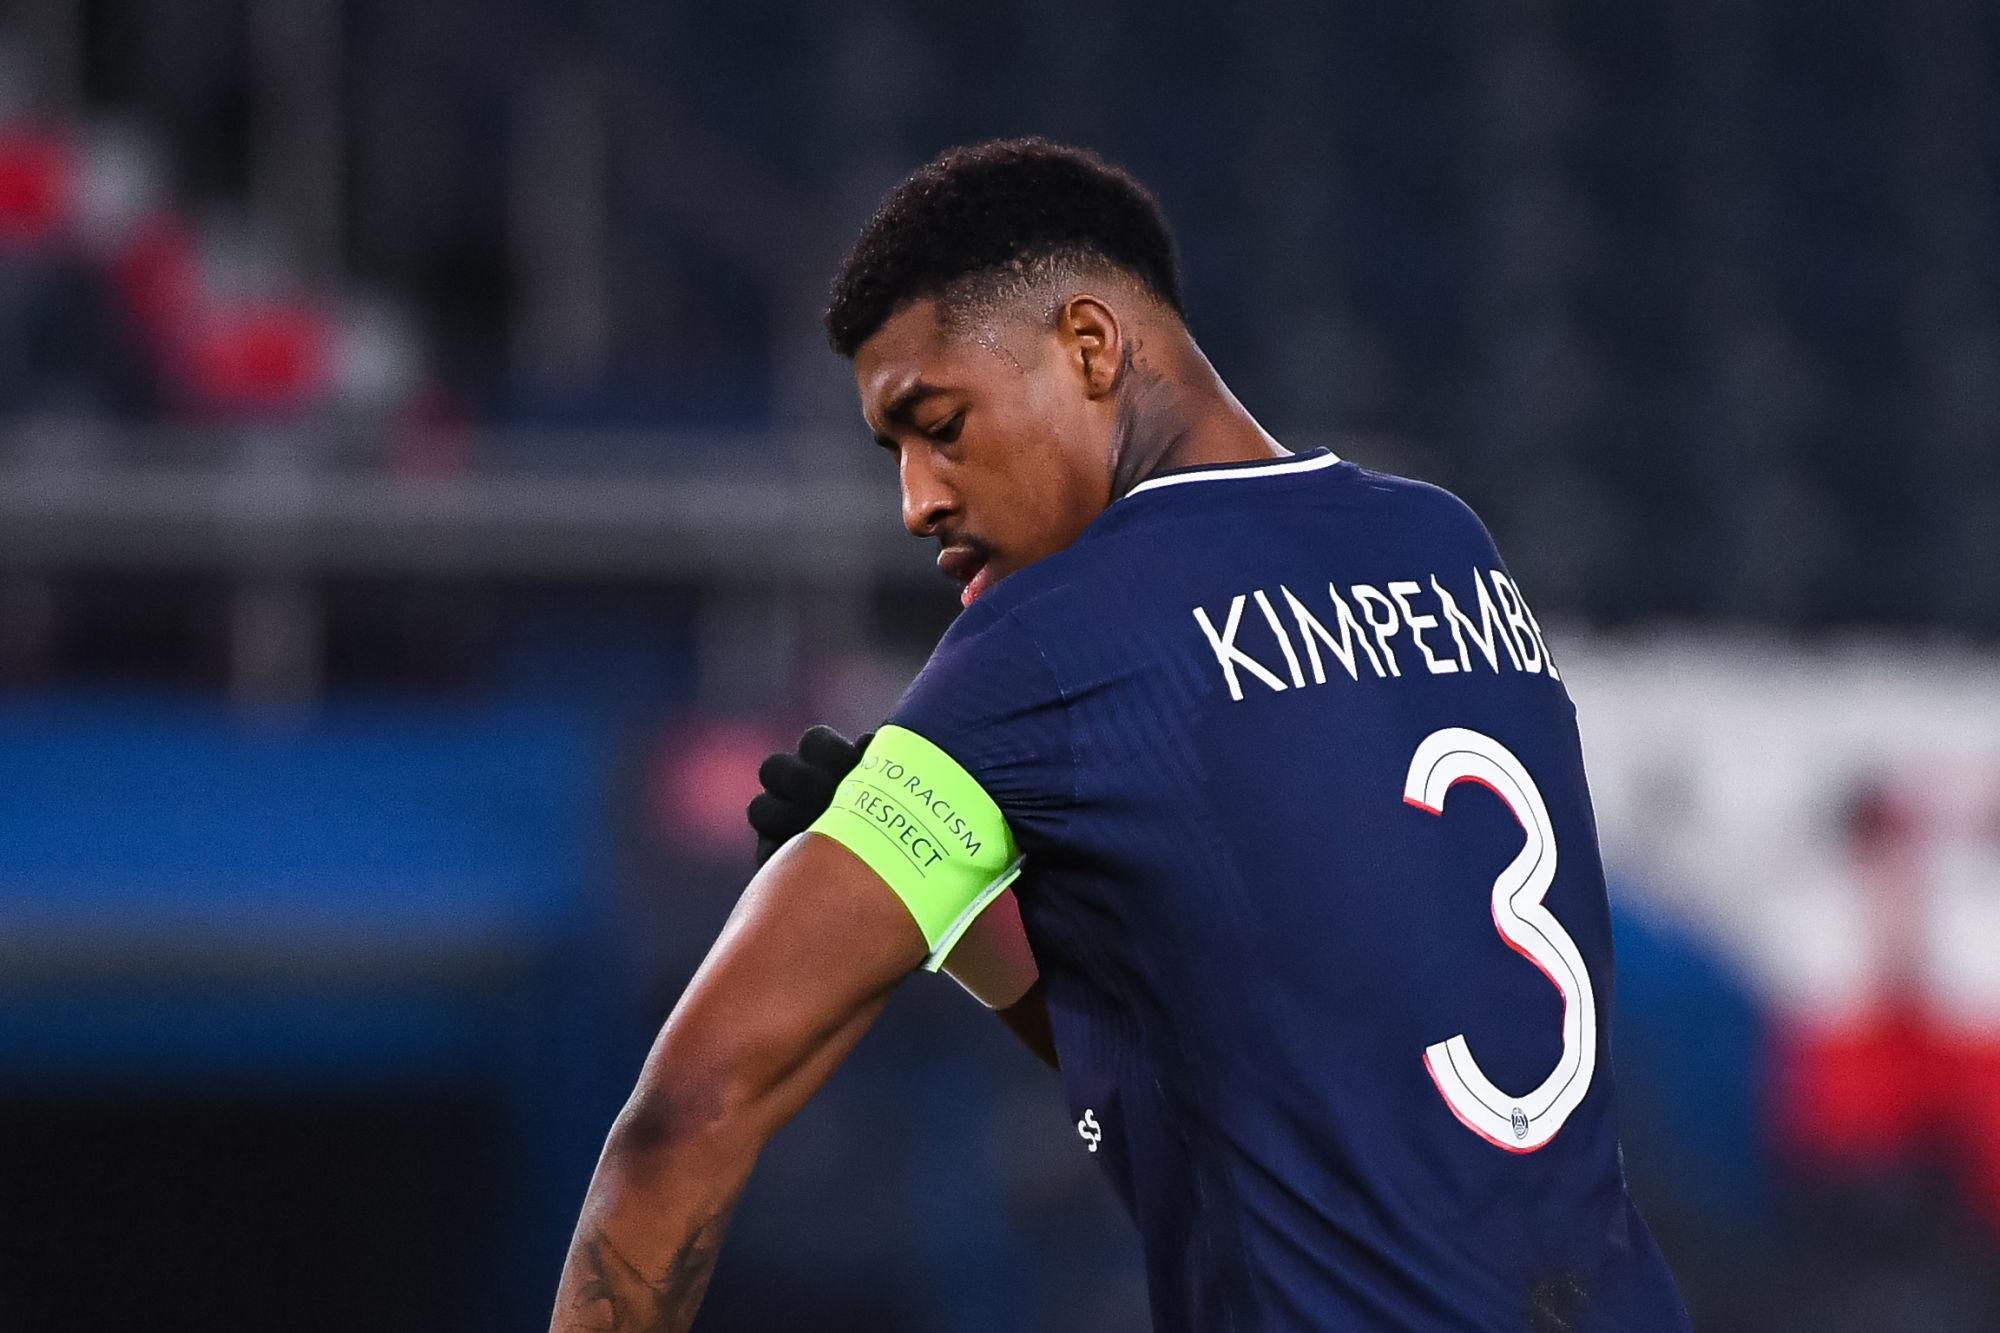 """PSG/Bayern - Kimpembe annonce l'objectif et """"j'ai le sang rouge et bleu"""""""